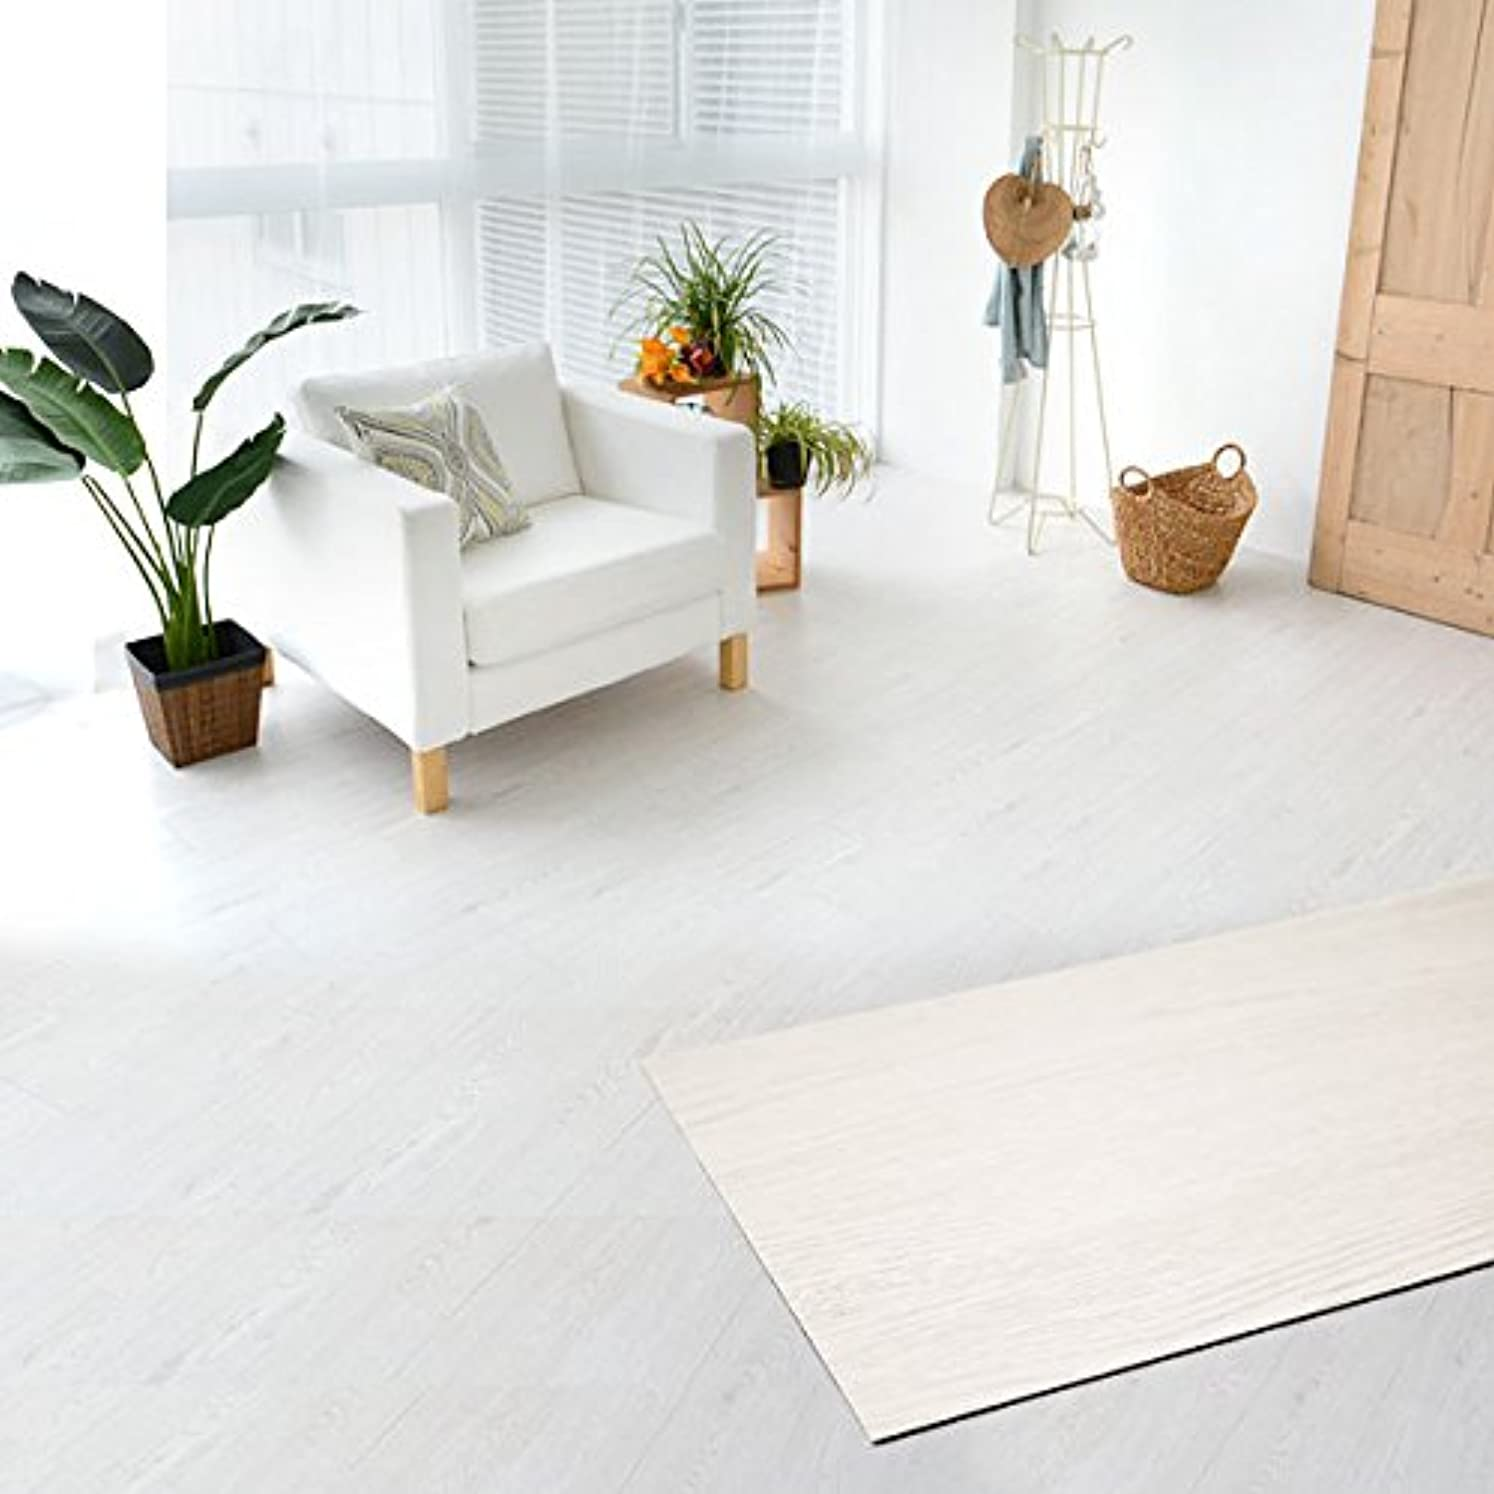 貧困クリープ保護フロアタイル 貼るだけ フローリングタイル [72枚セット/ホワイトオーク No.2] 約6畳分 フローリングシート シールタイプ 床材 木目調 ウッド 接着剤付き DIY セルフリフォーム [並行輸入品]